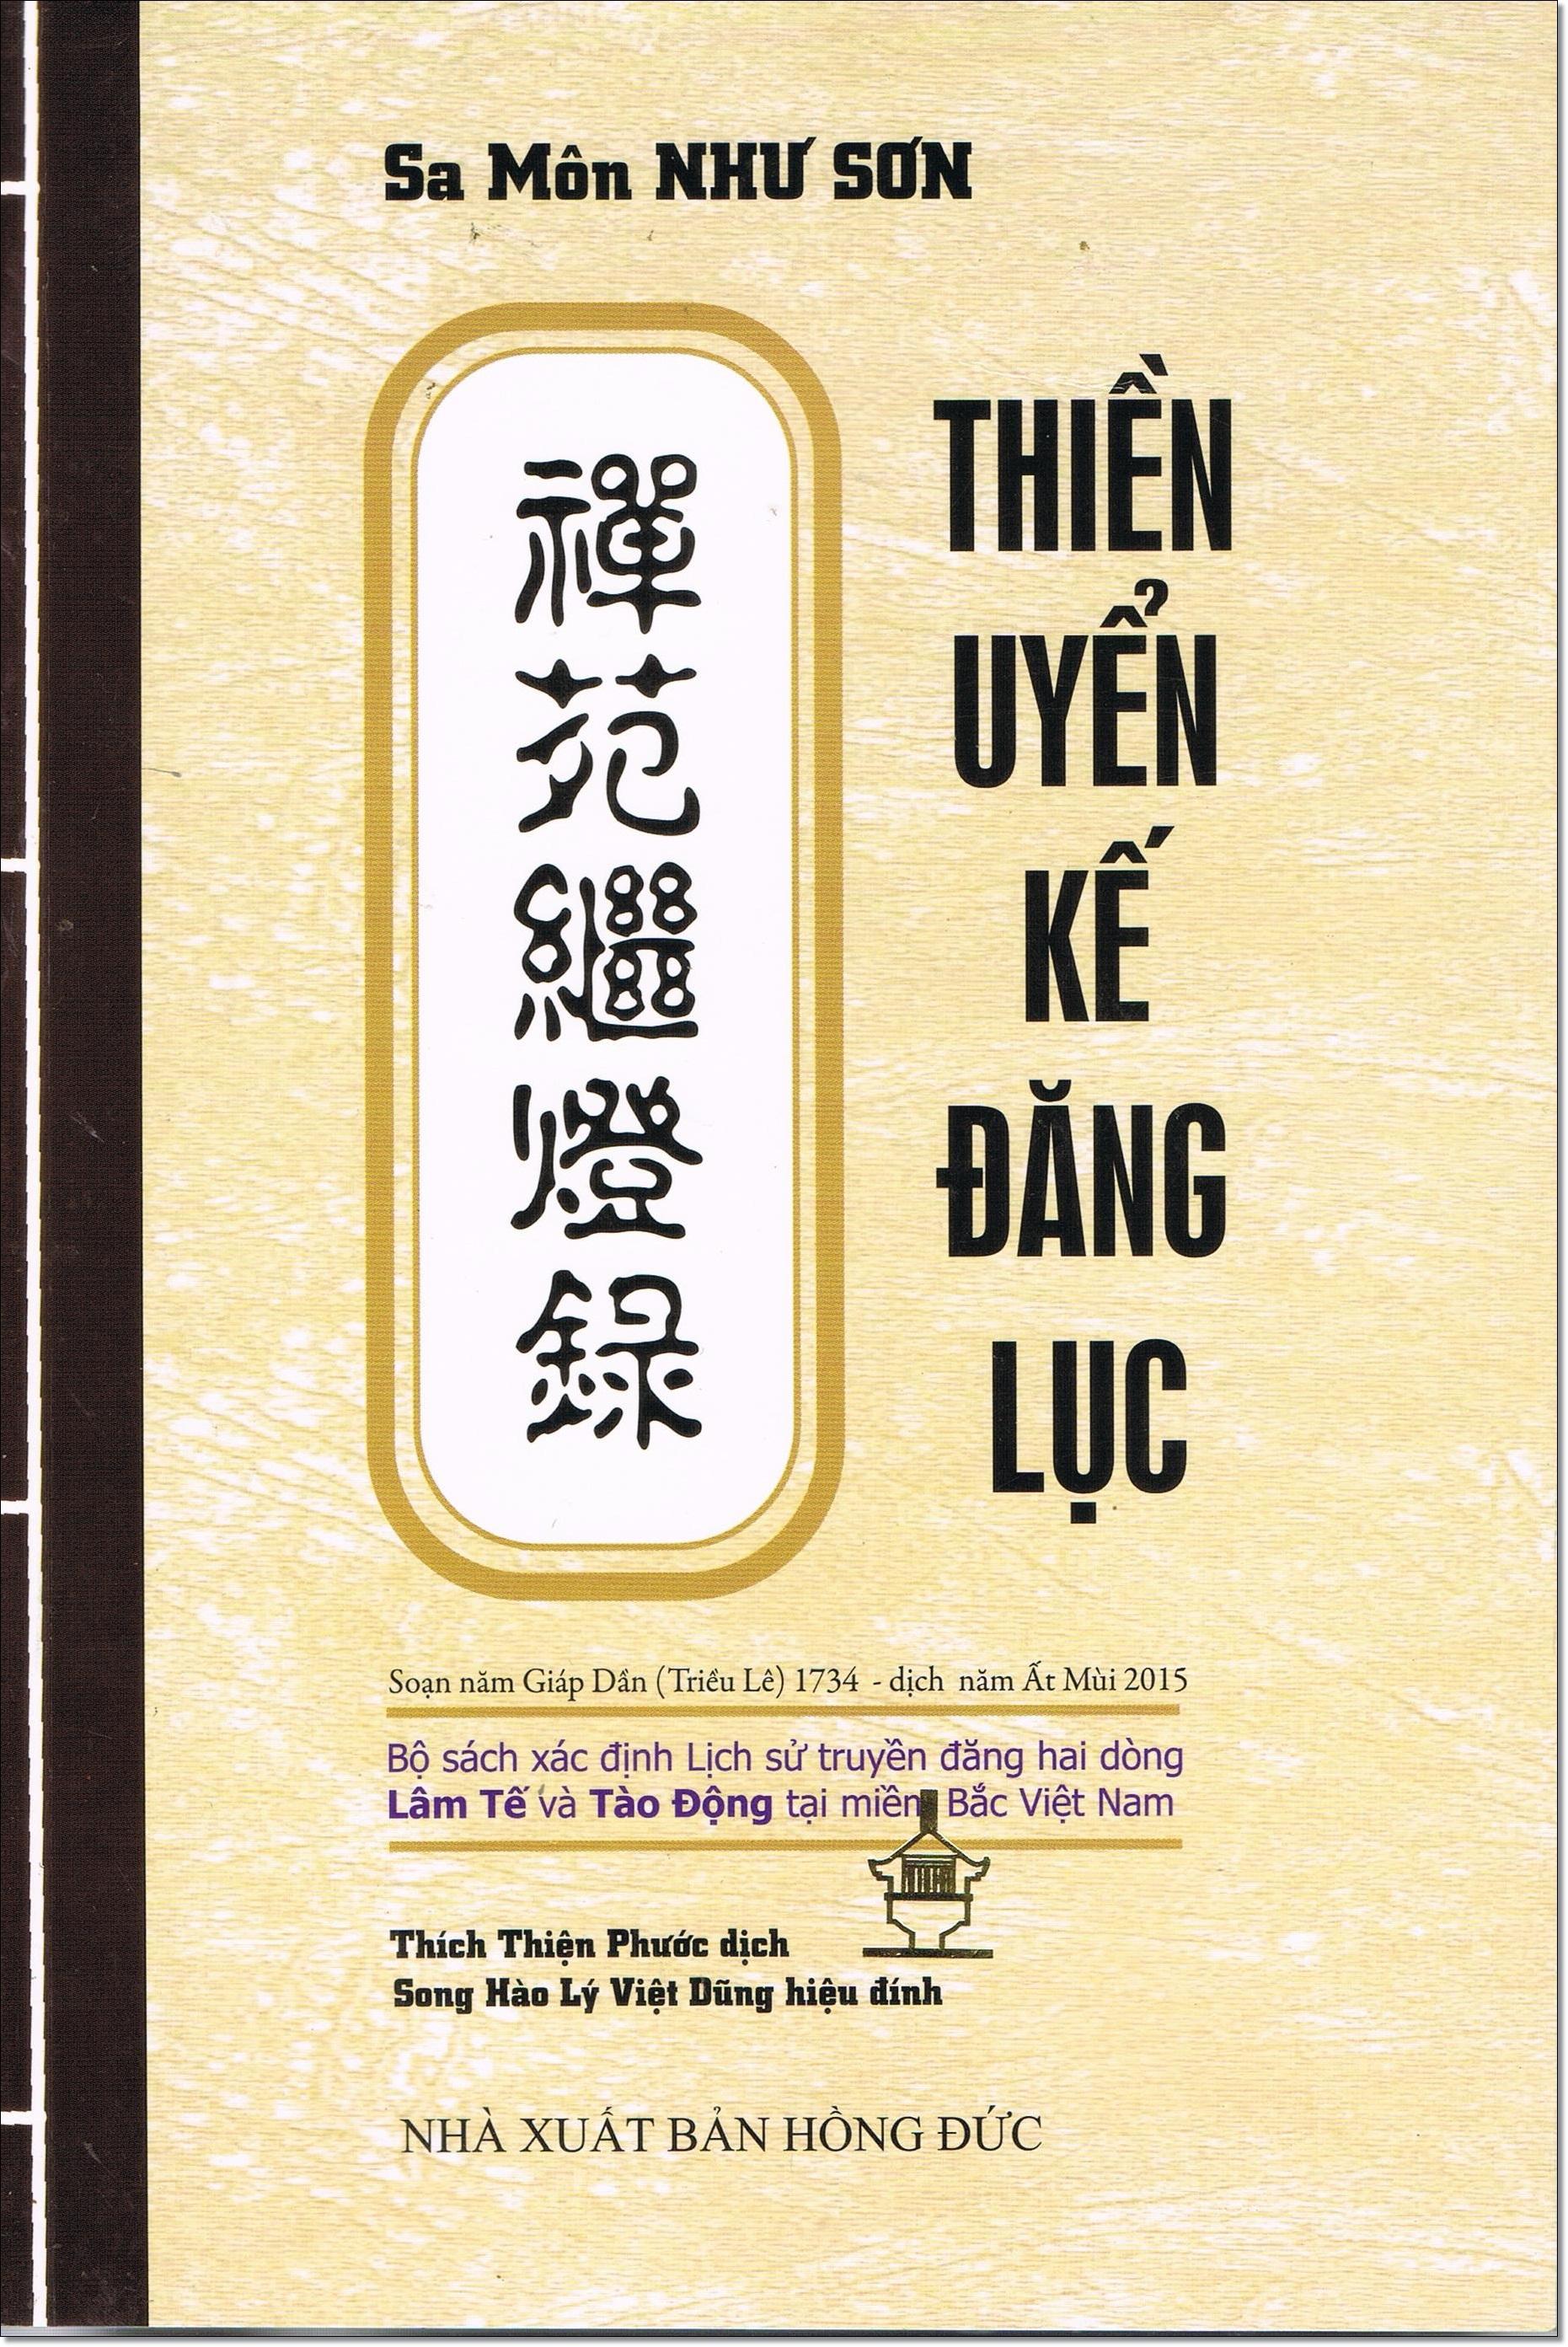 Thiền Uyển Kế Đăng Lục – Tác giả: Sa môn Như Sơn